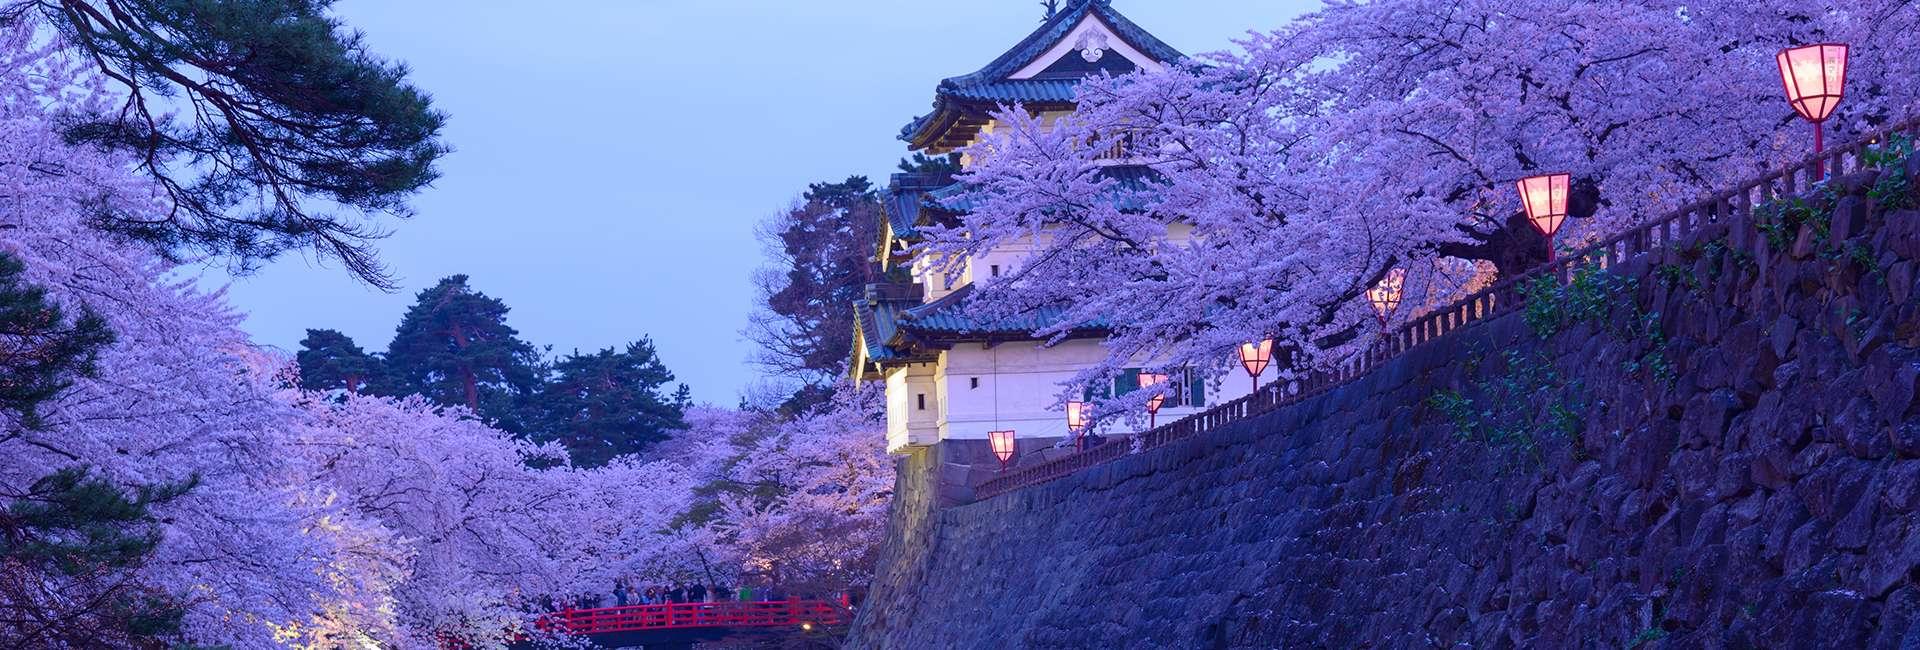 le Château de Hirosaki au Japon